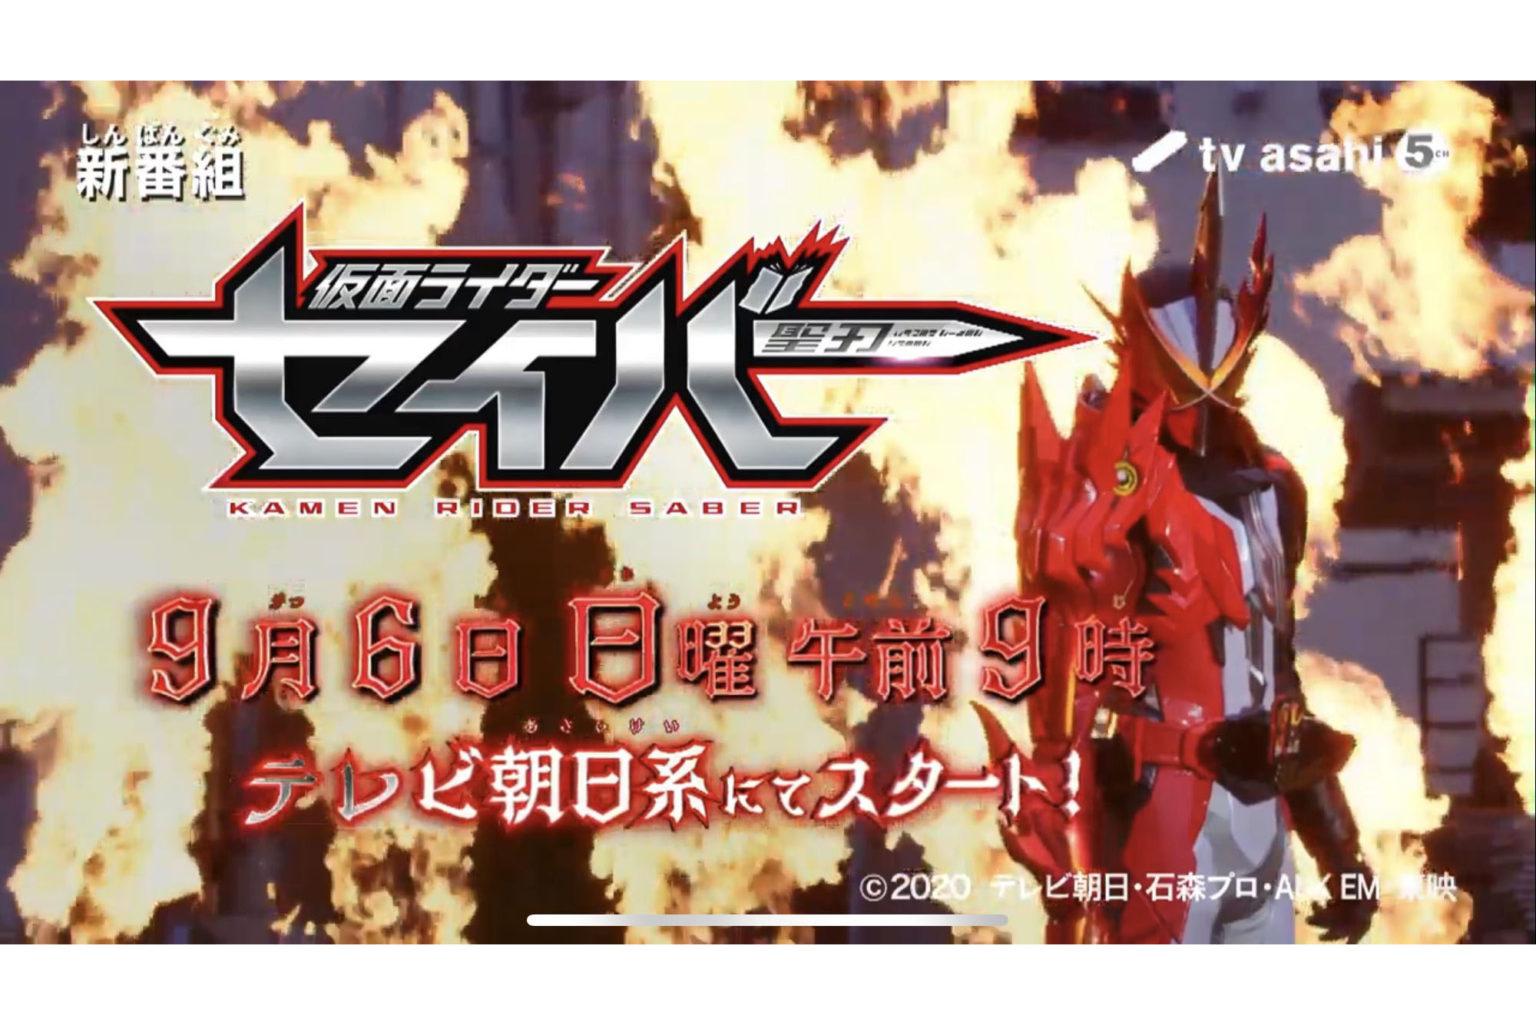 『仮面ライダーセイバー』登場!主人公は文豪にして剣豪!本をめぐる戦いが9月6日スタート!